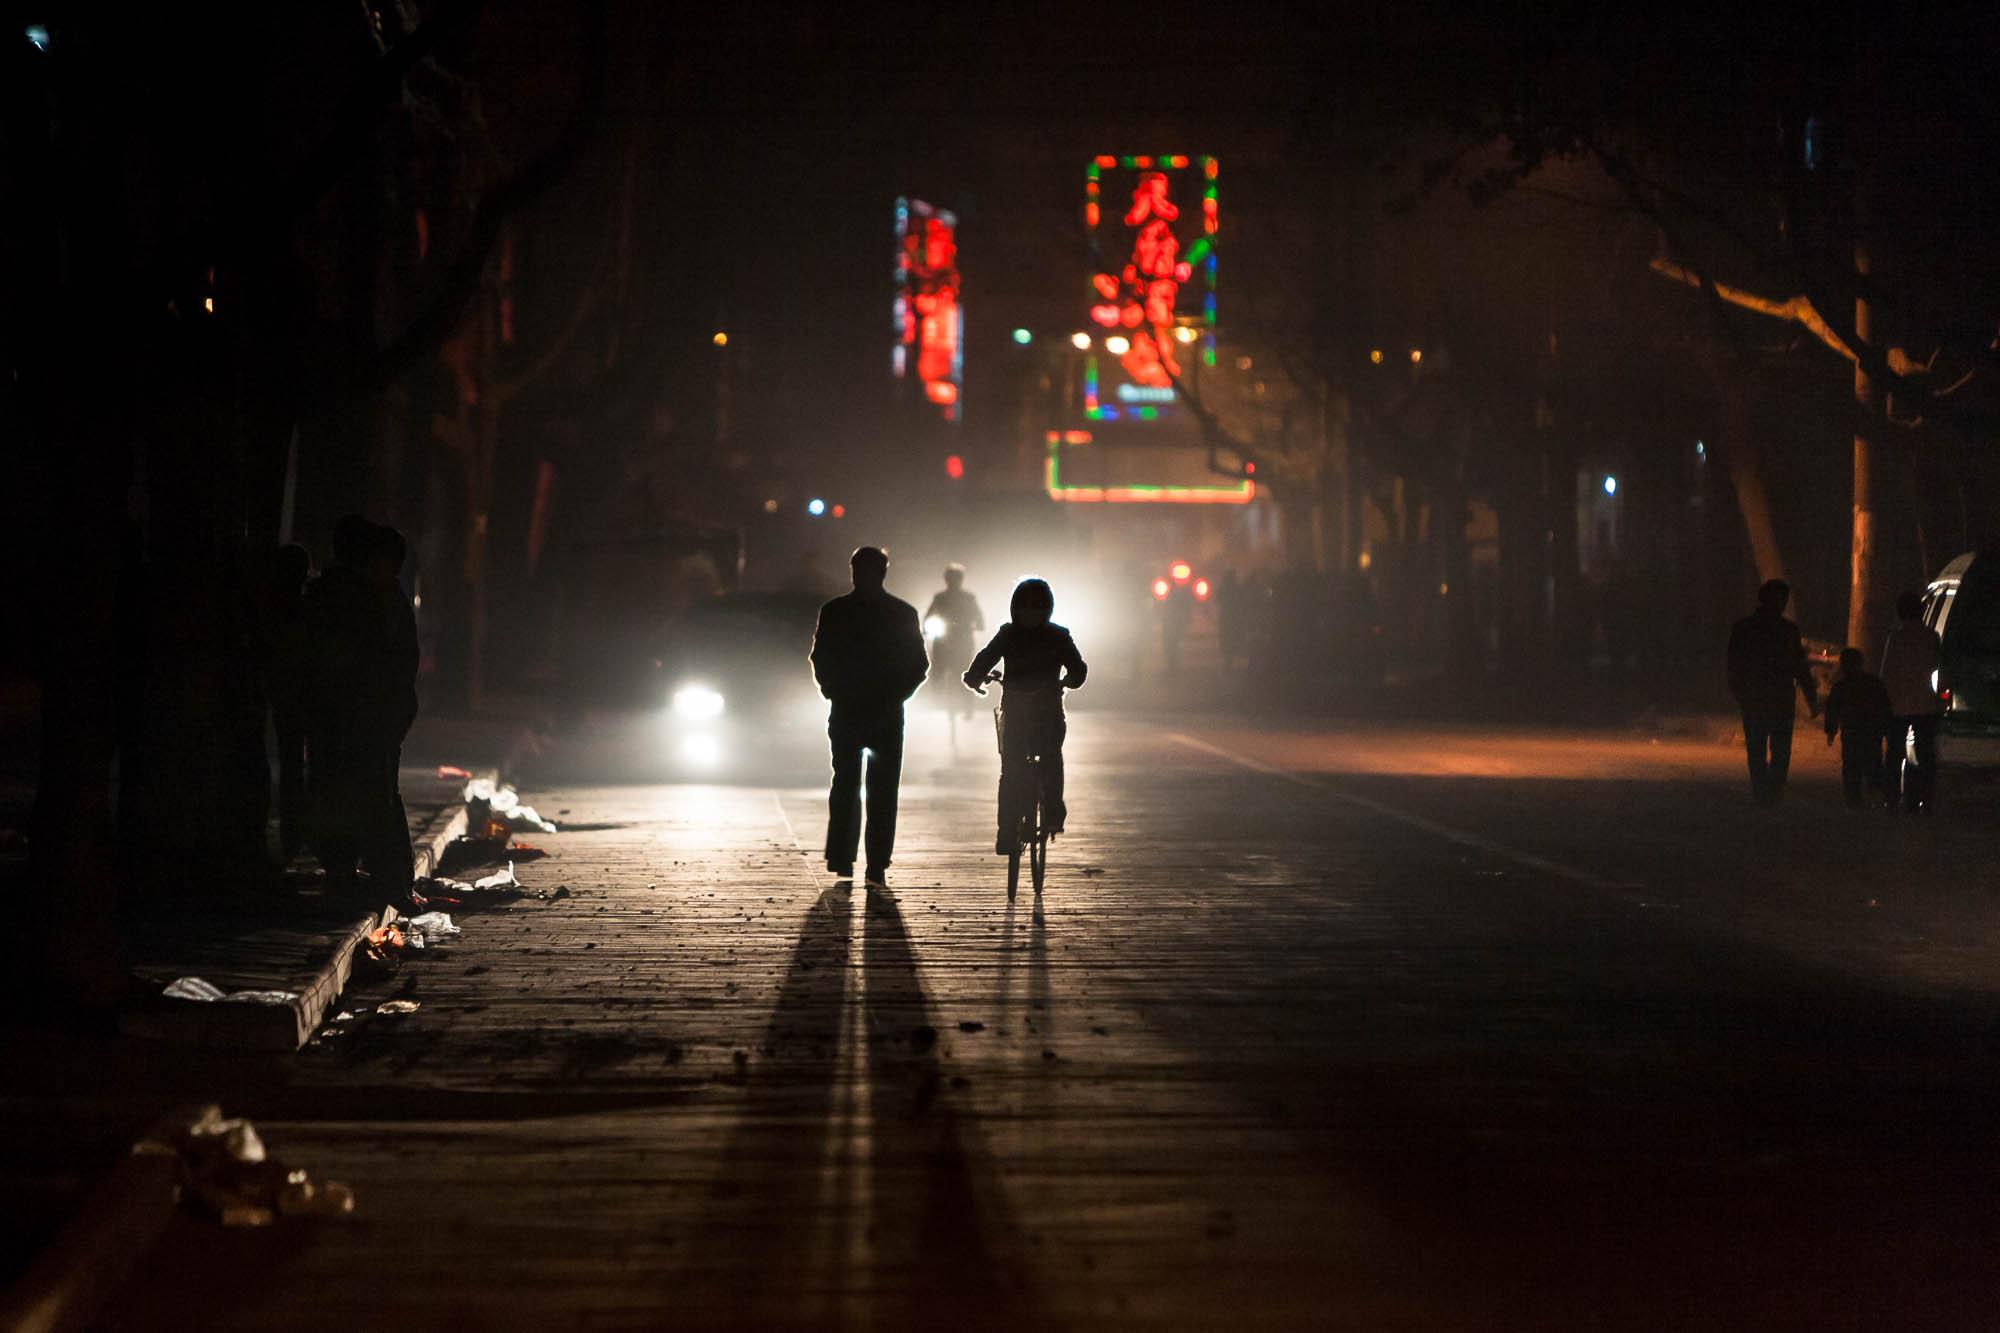 Huayin at night